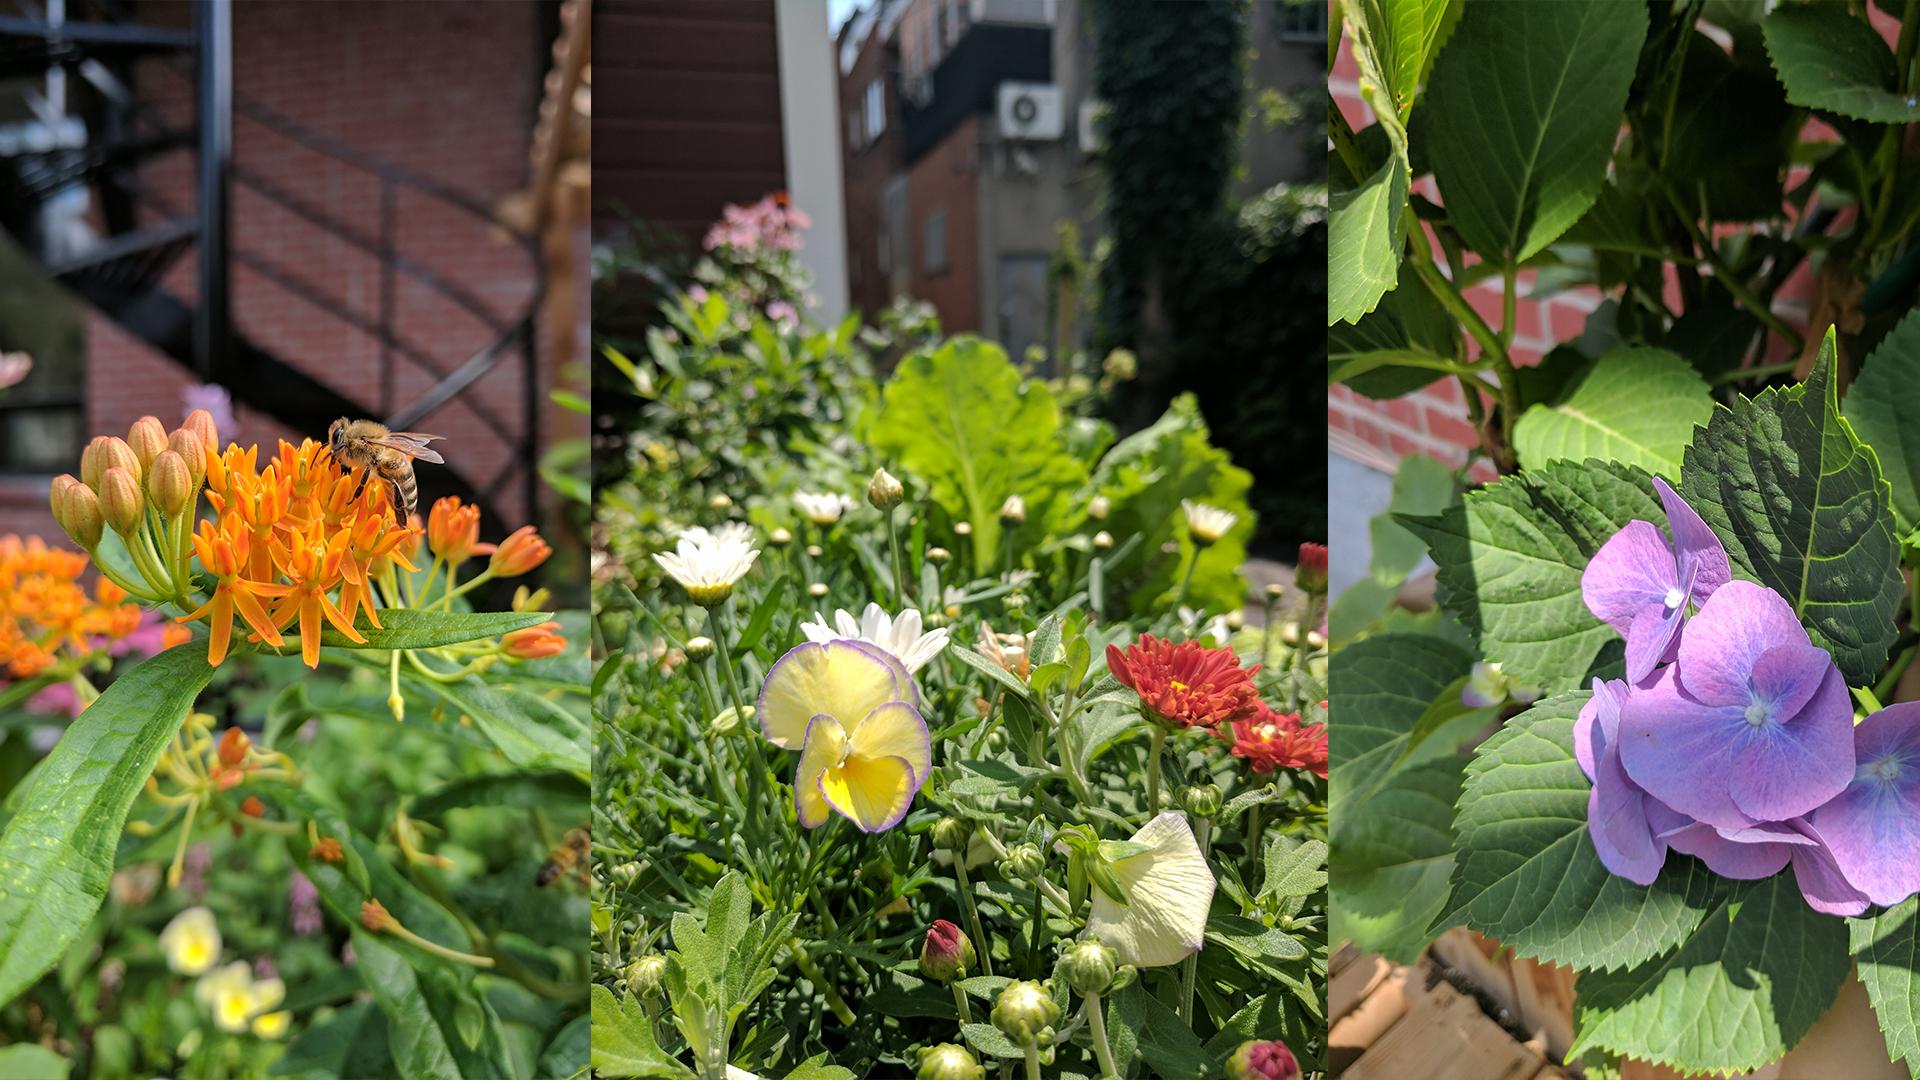 jour_de_la_terre_quebec_qc_blogue_article_trucs_astuces_cornelia_garbe_terrasse_mile_end_verdissement_plantation_fleurs